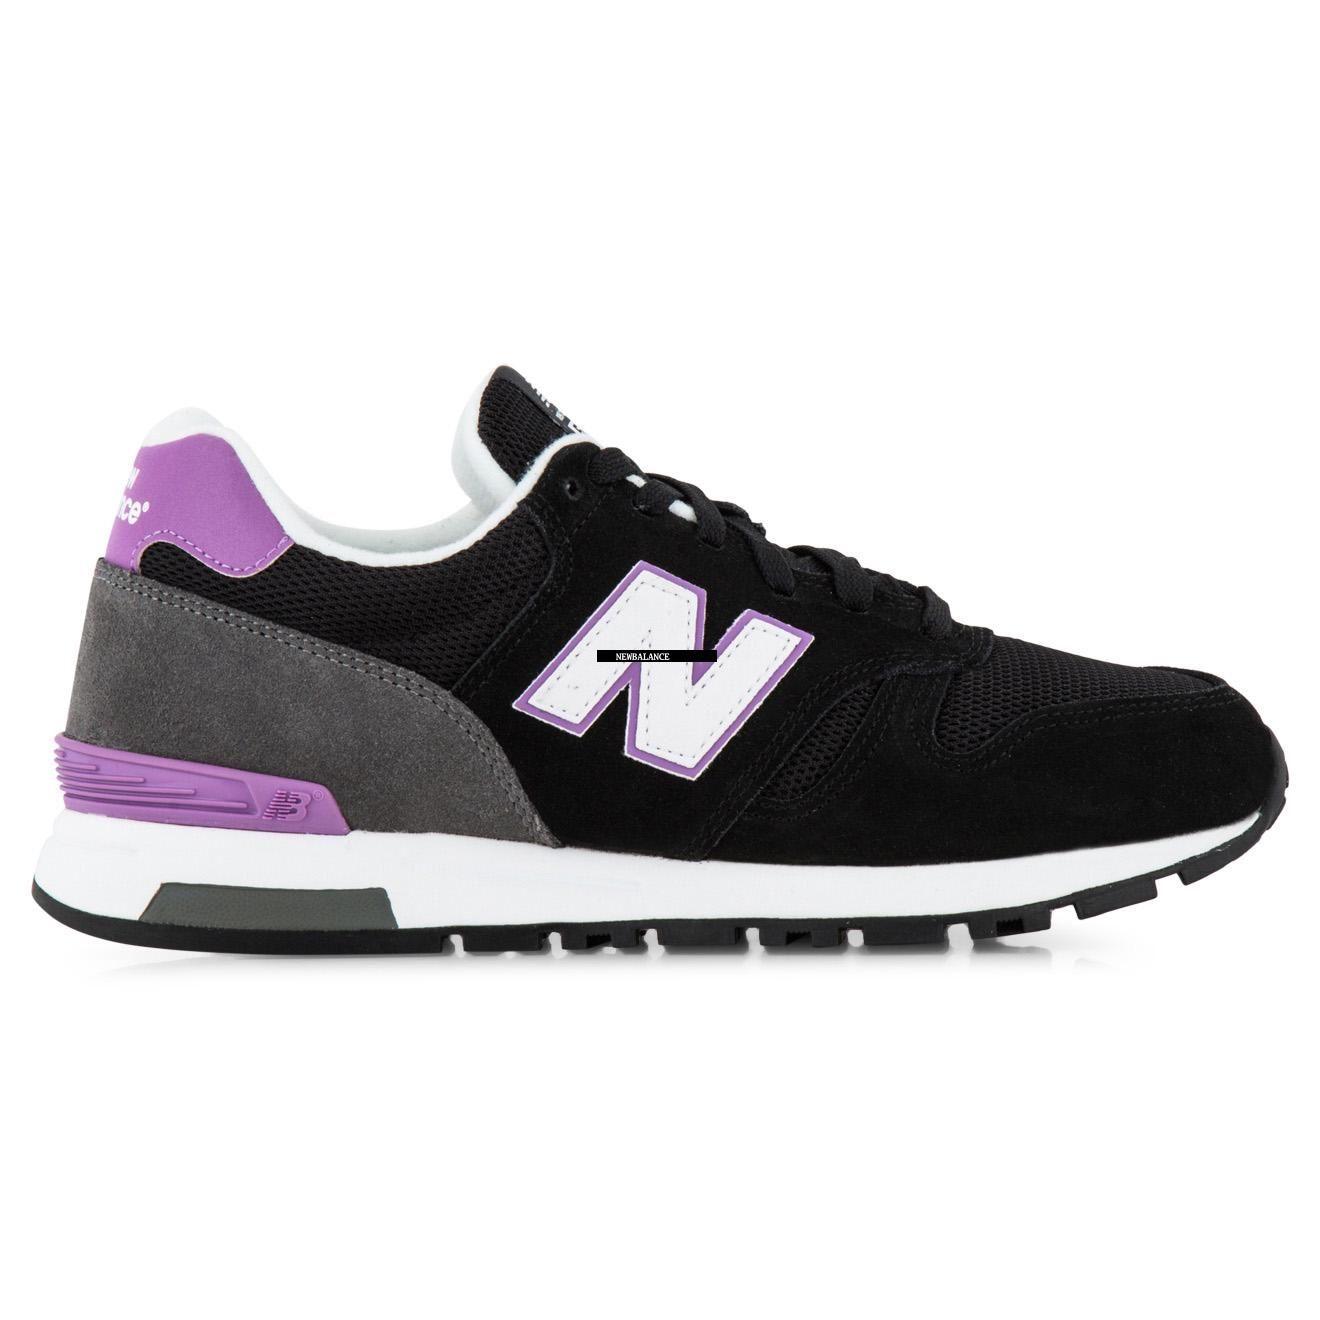 sneakers for cheap db2aa a3af7 WL565BP NEW BALANCE BAYAN AYAKKABI 565    280.80 TL (KDV dahil)